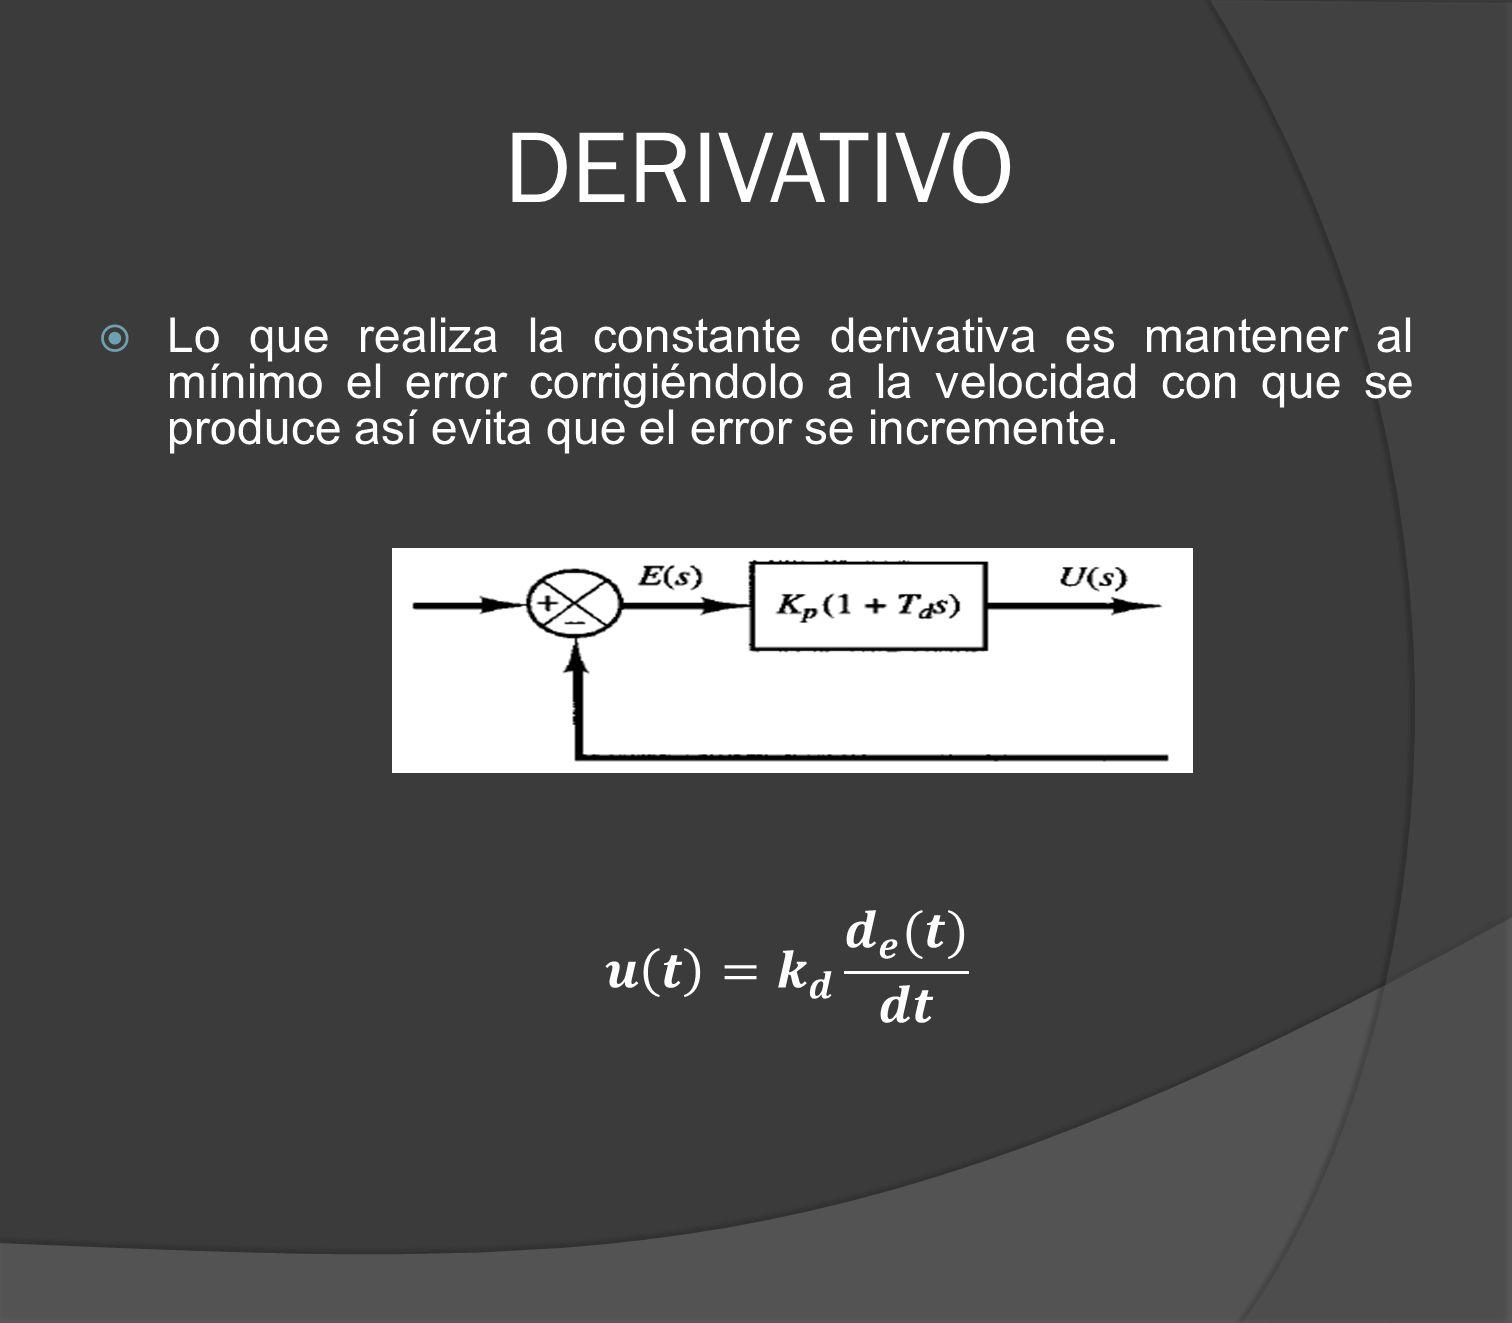 DERIVATIVO Lo que realiza la constante derivativa es mantener al mínimo el error corrigiéndolo a la velocidad con que se produce así evita que el erro